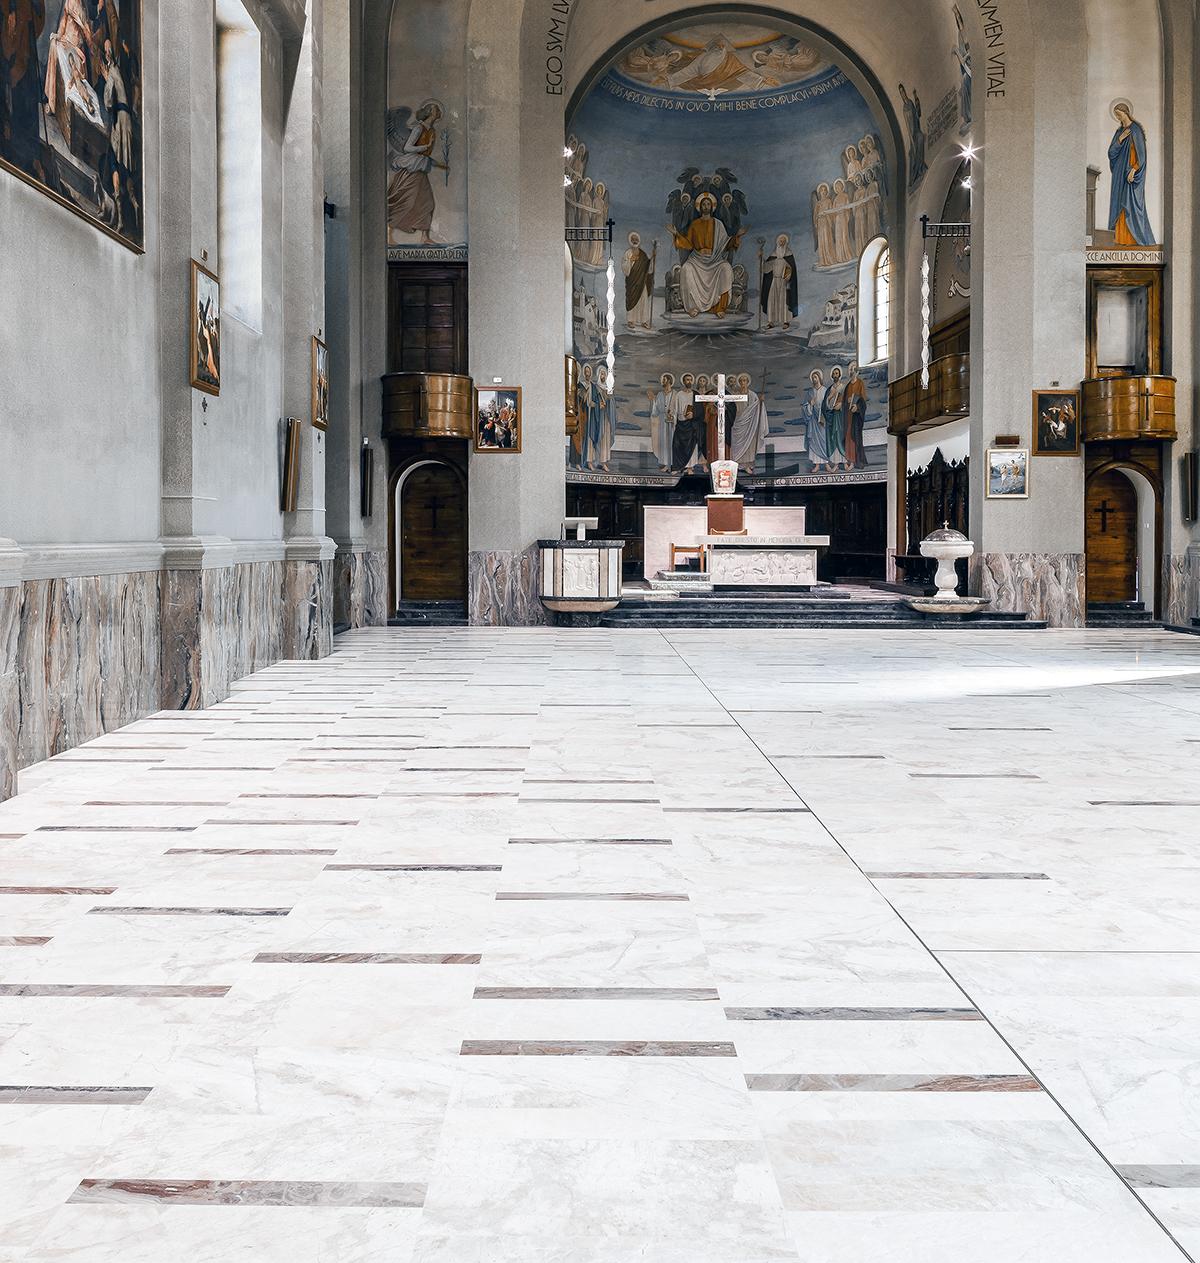 Church-of-SantAntonio-Abate-gianluca-gelmini11.jpg